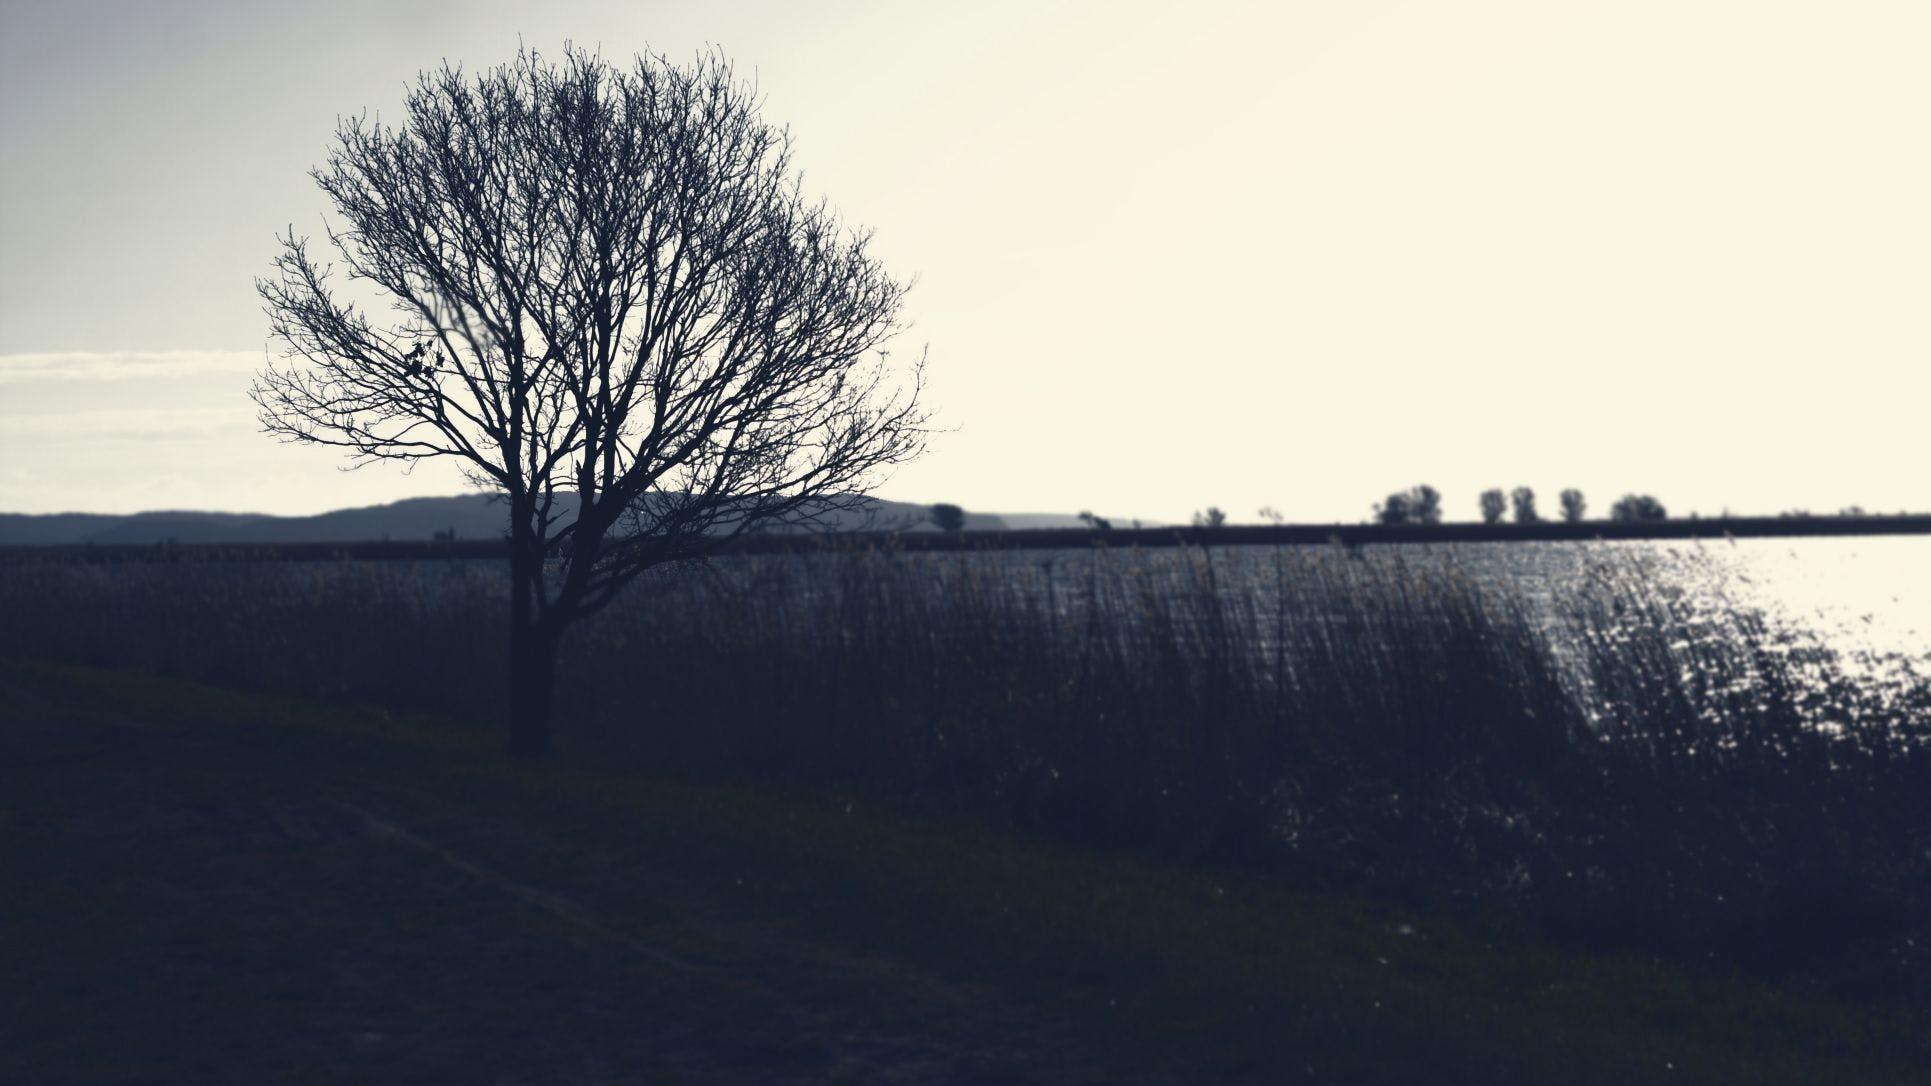 寂しい, 木, 杖, 水の無料の写真素材